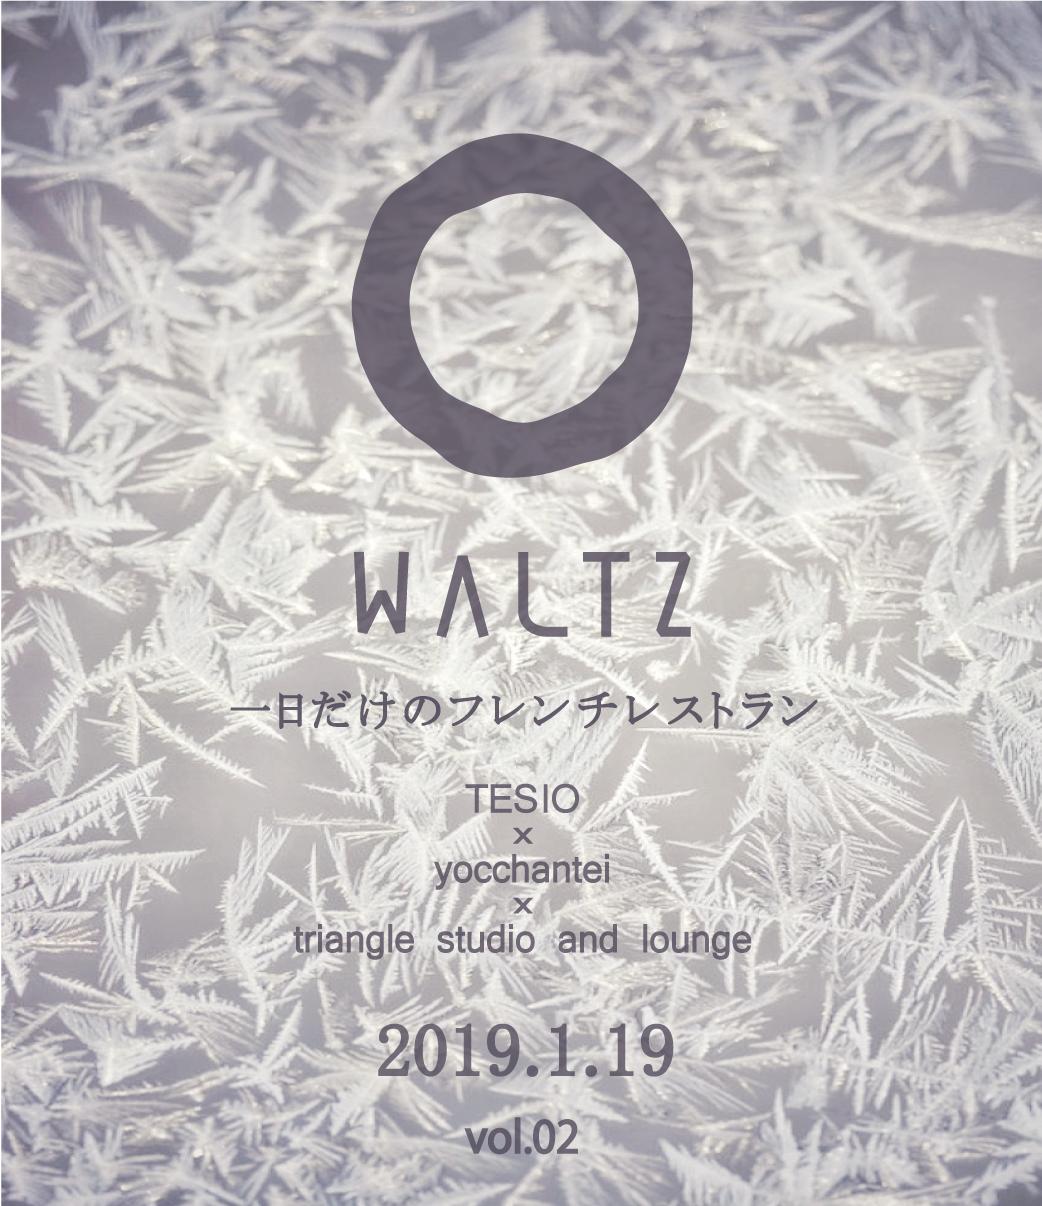 WALTZ【vol.2】1日だけのフレンチレストラン【昼の部 】12:00~15:00